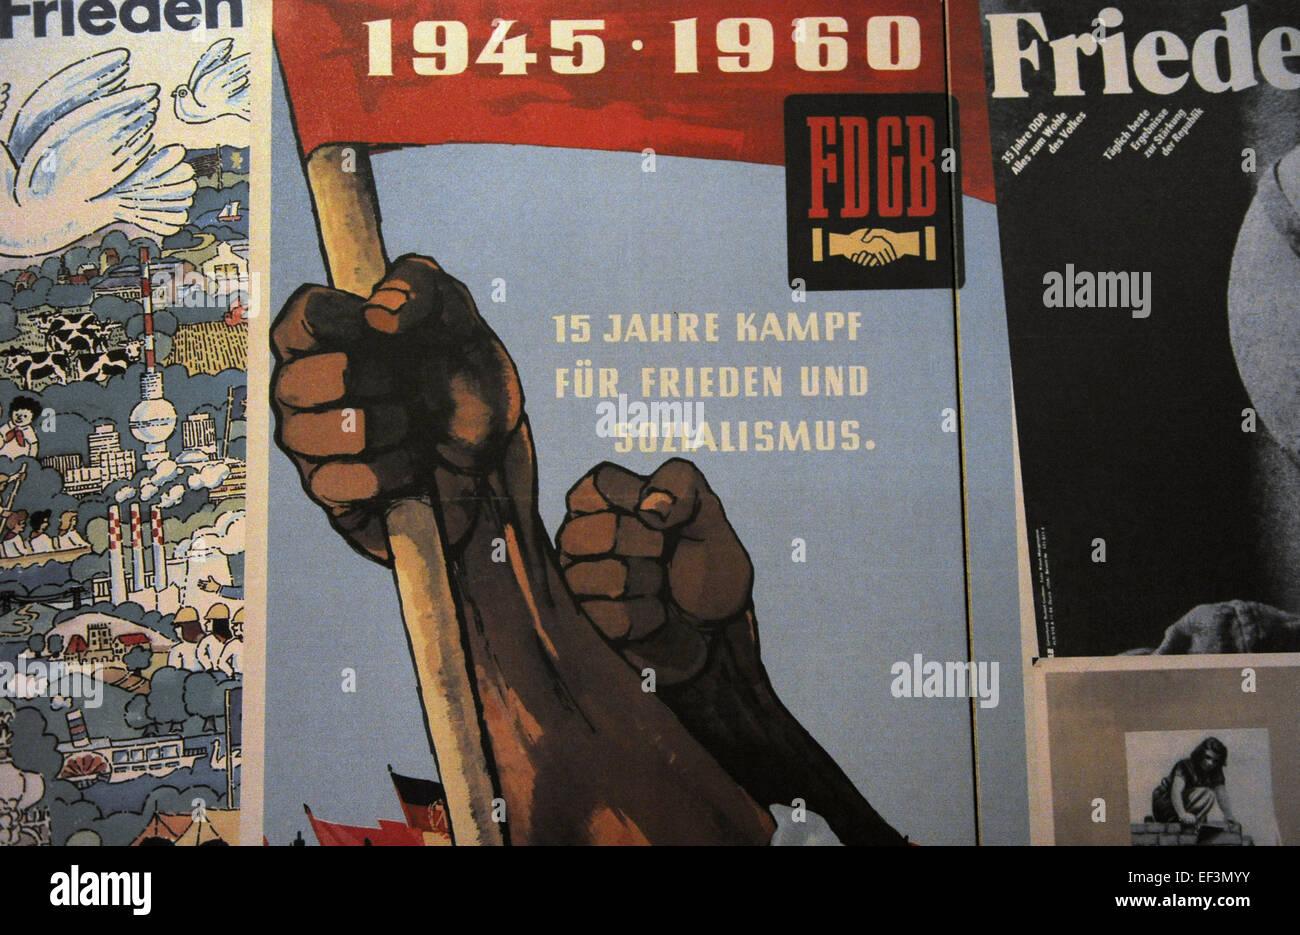 Kalten Krieges. Ostblock. Kommunistische Propaganda Publikationen. Ost-Deutschland. DDR Museum. Berlin. Deutschland. Stockbild